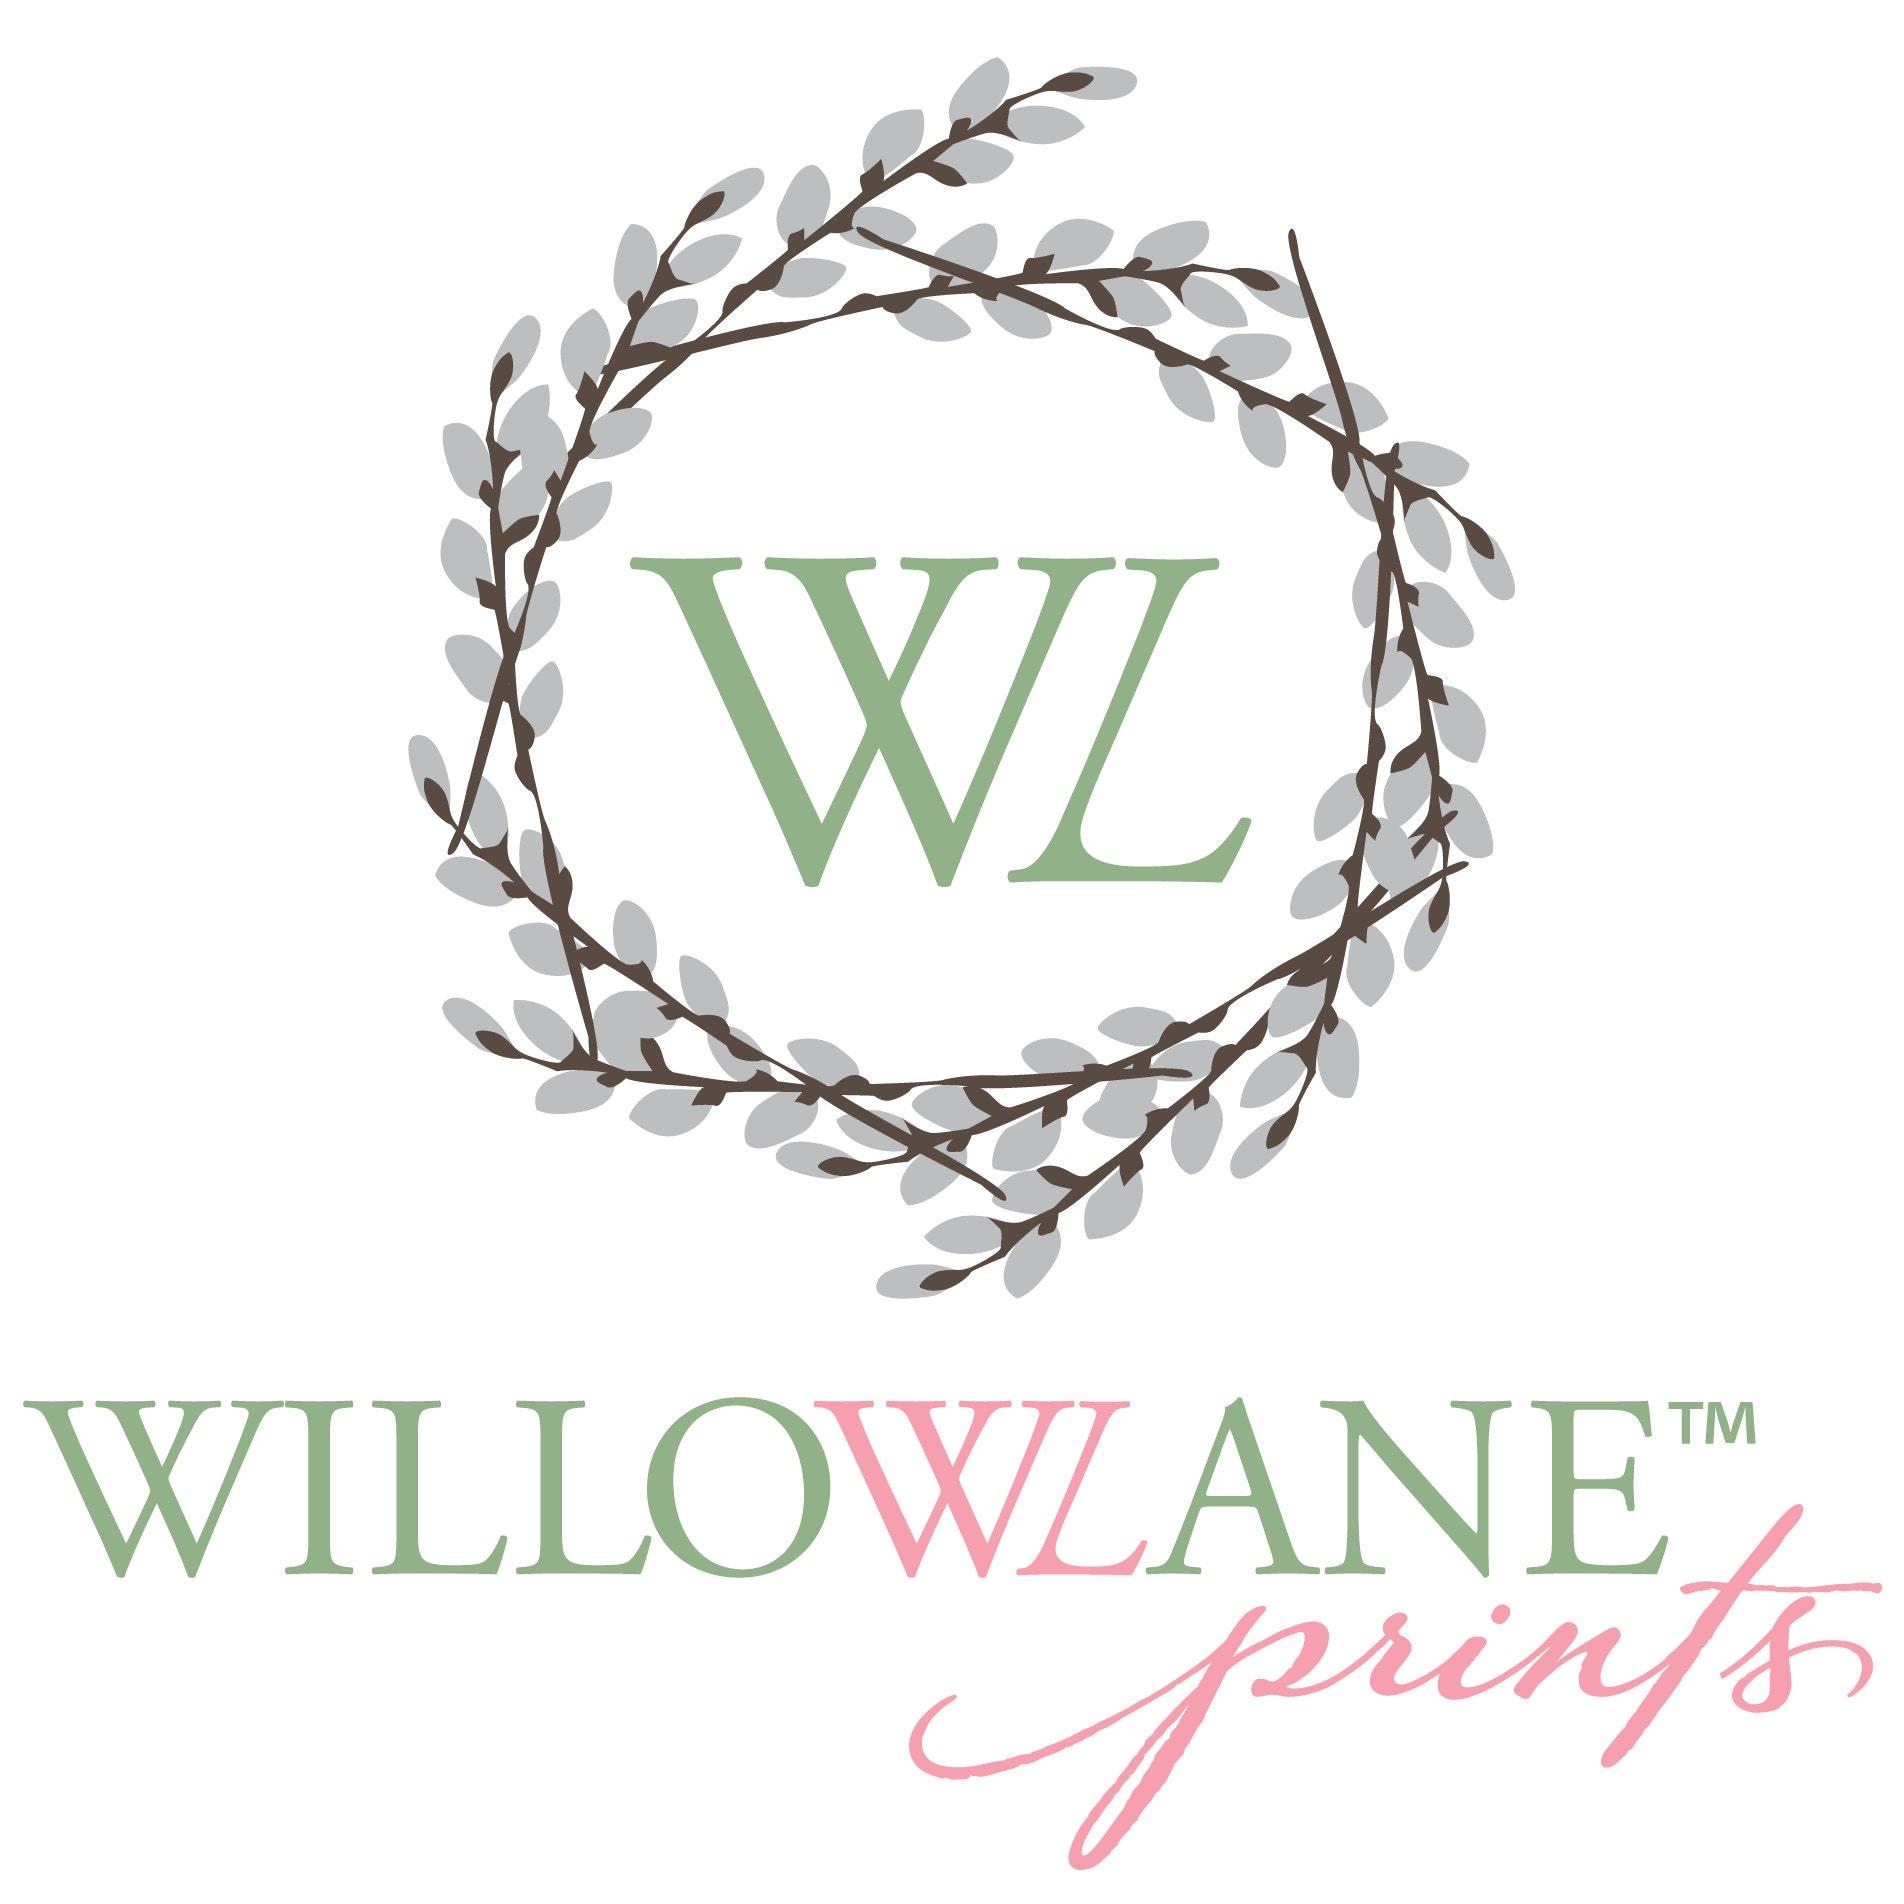 WillowLanePrints